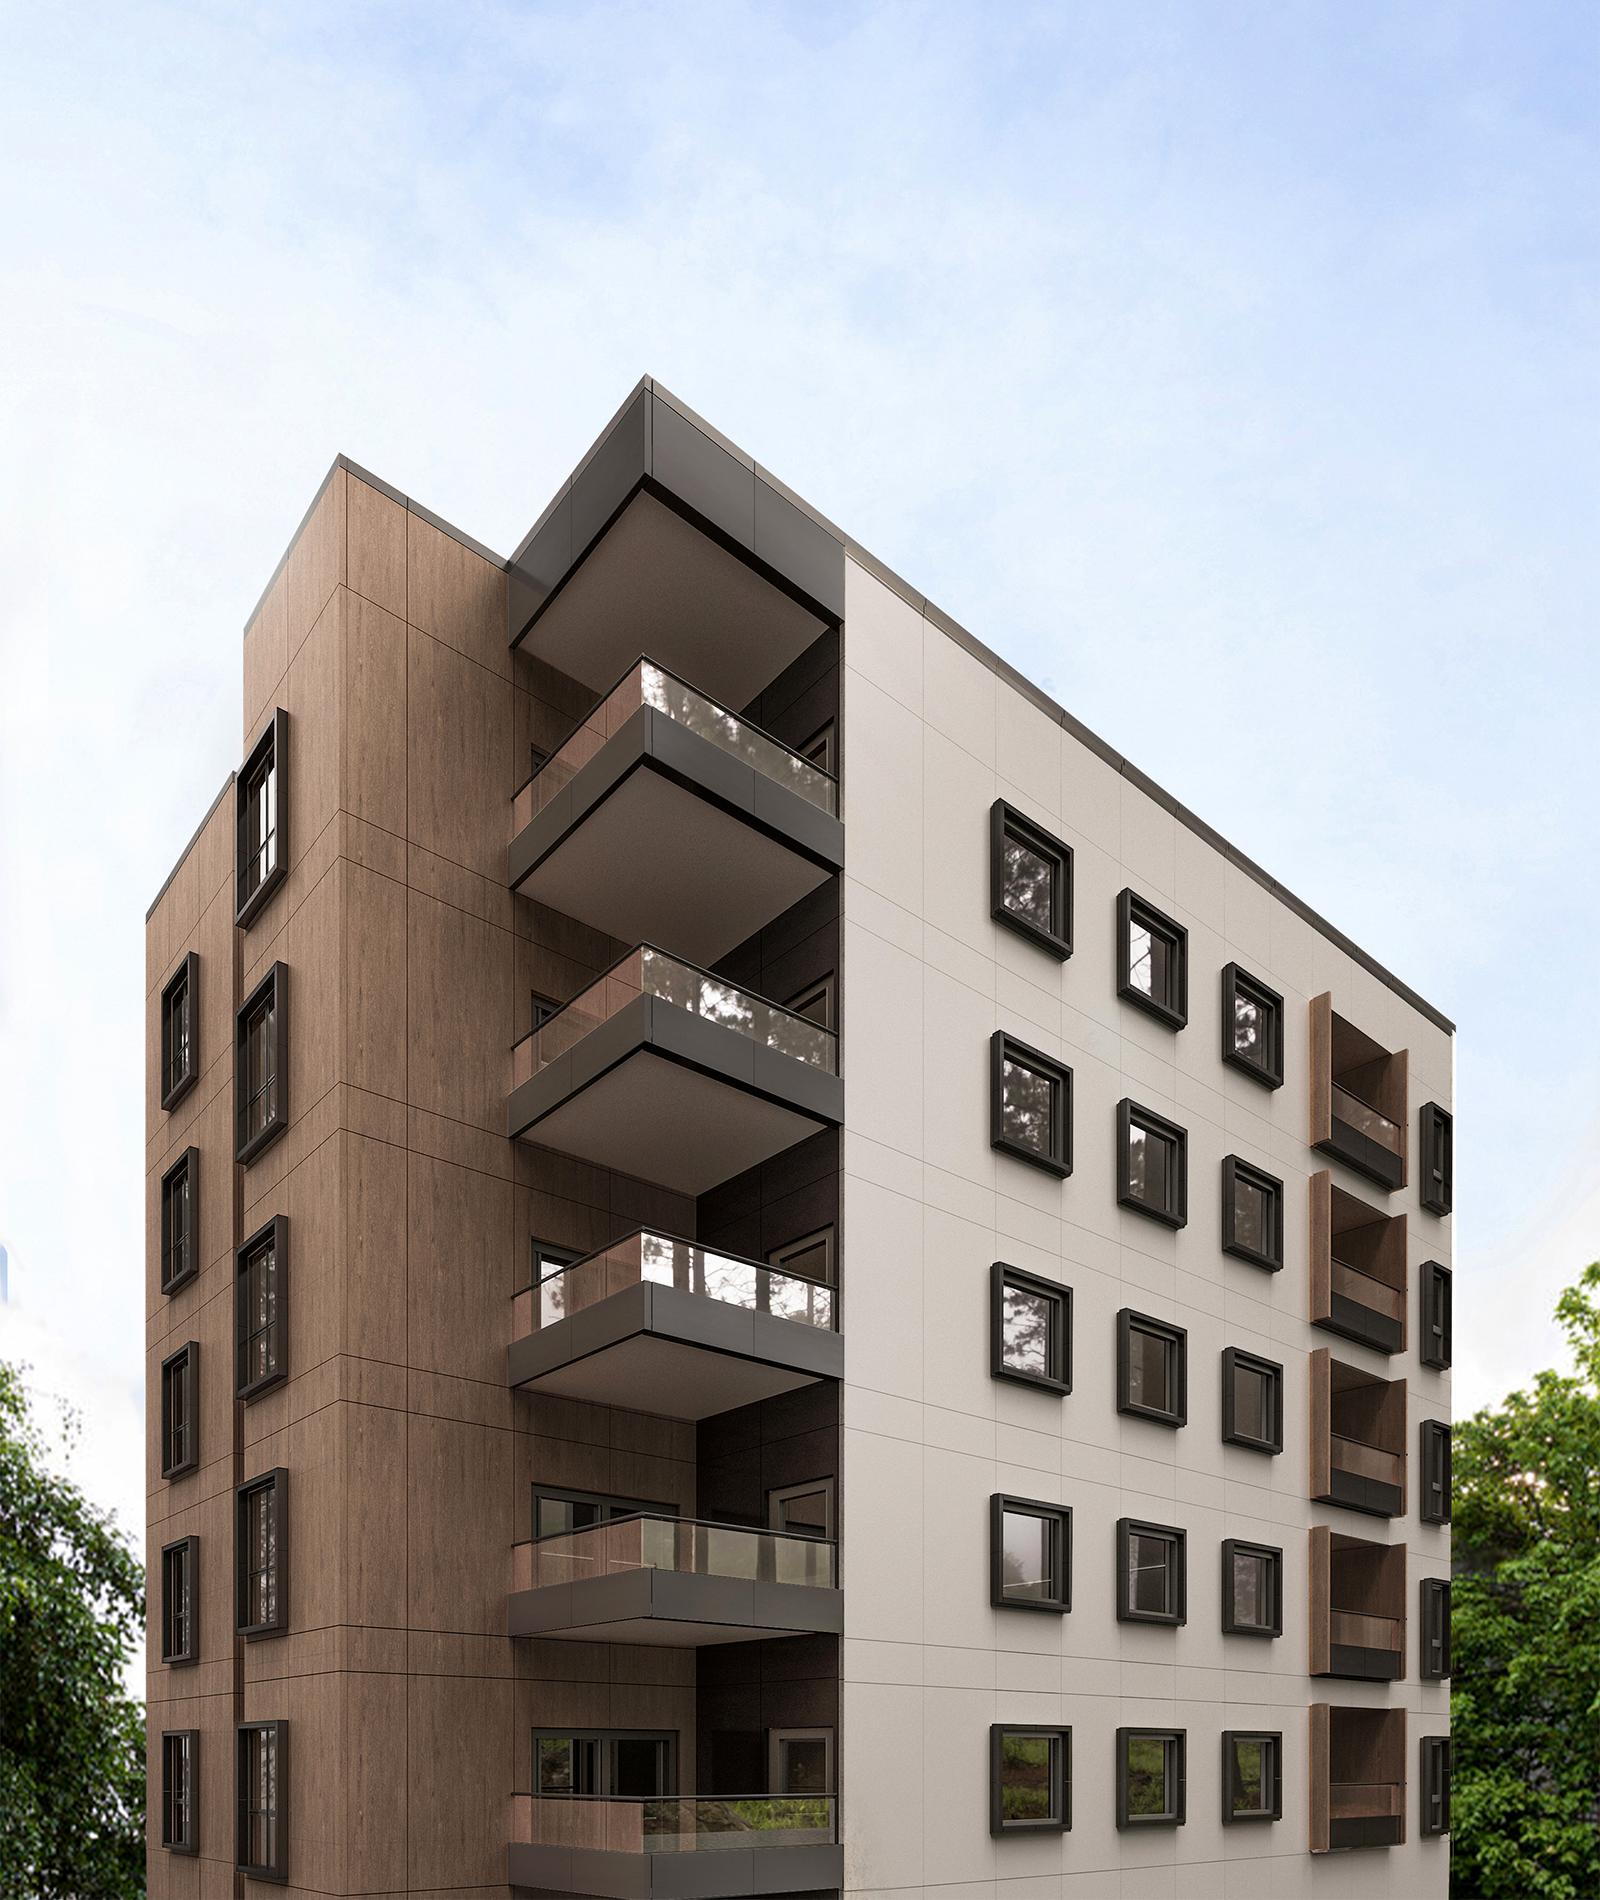 edificio-STB-W07-slate-concrete